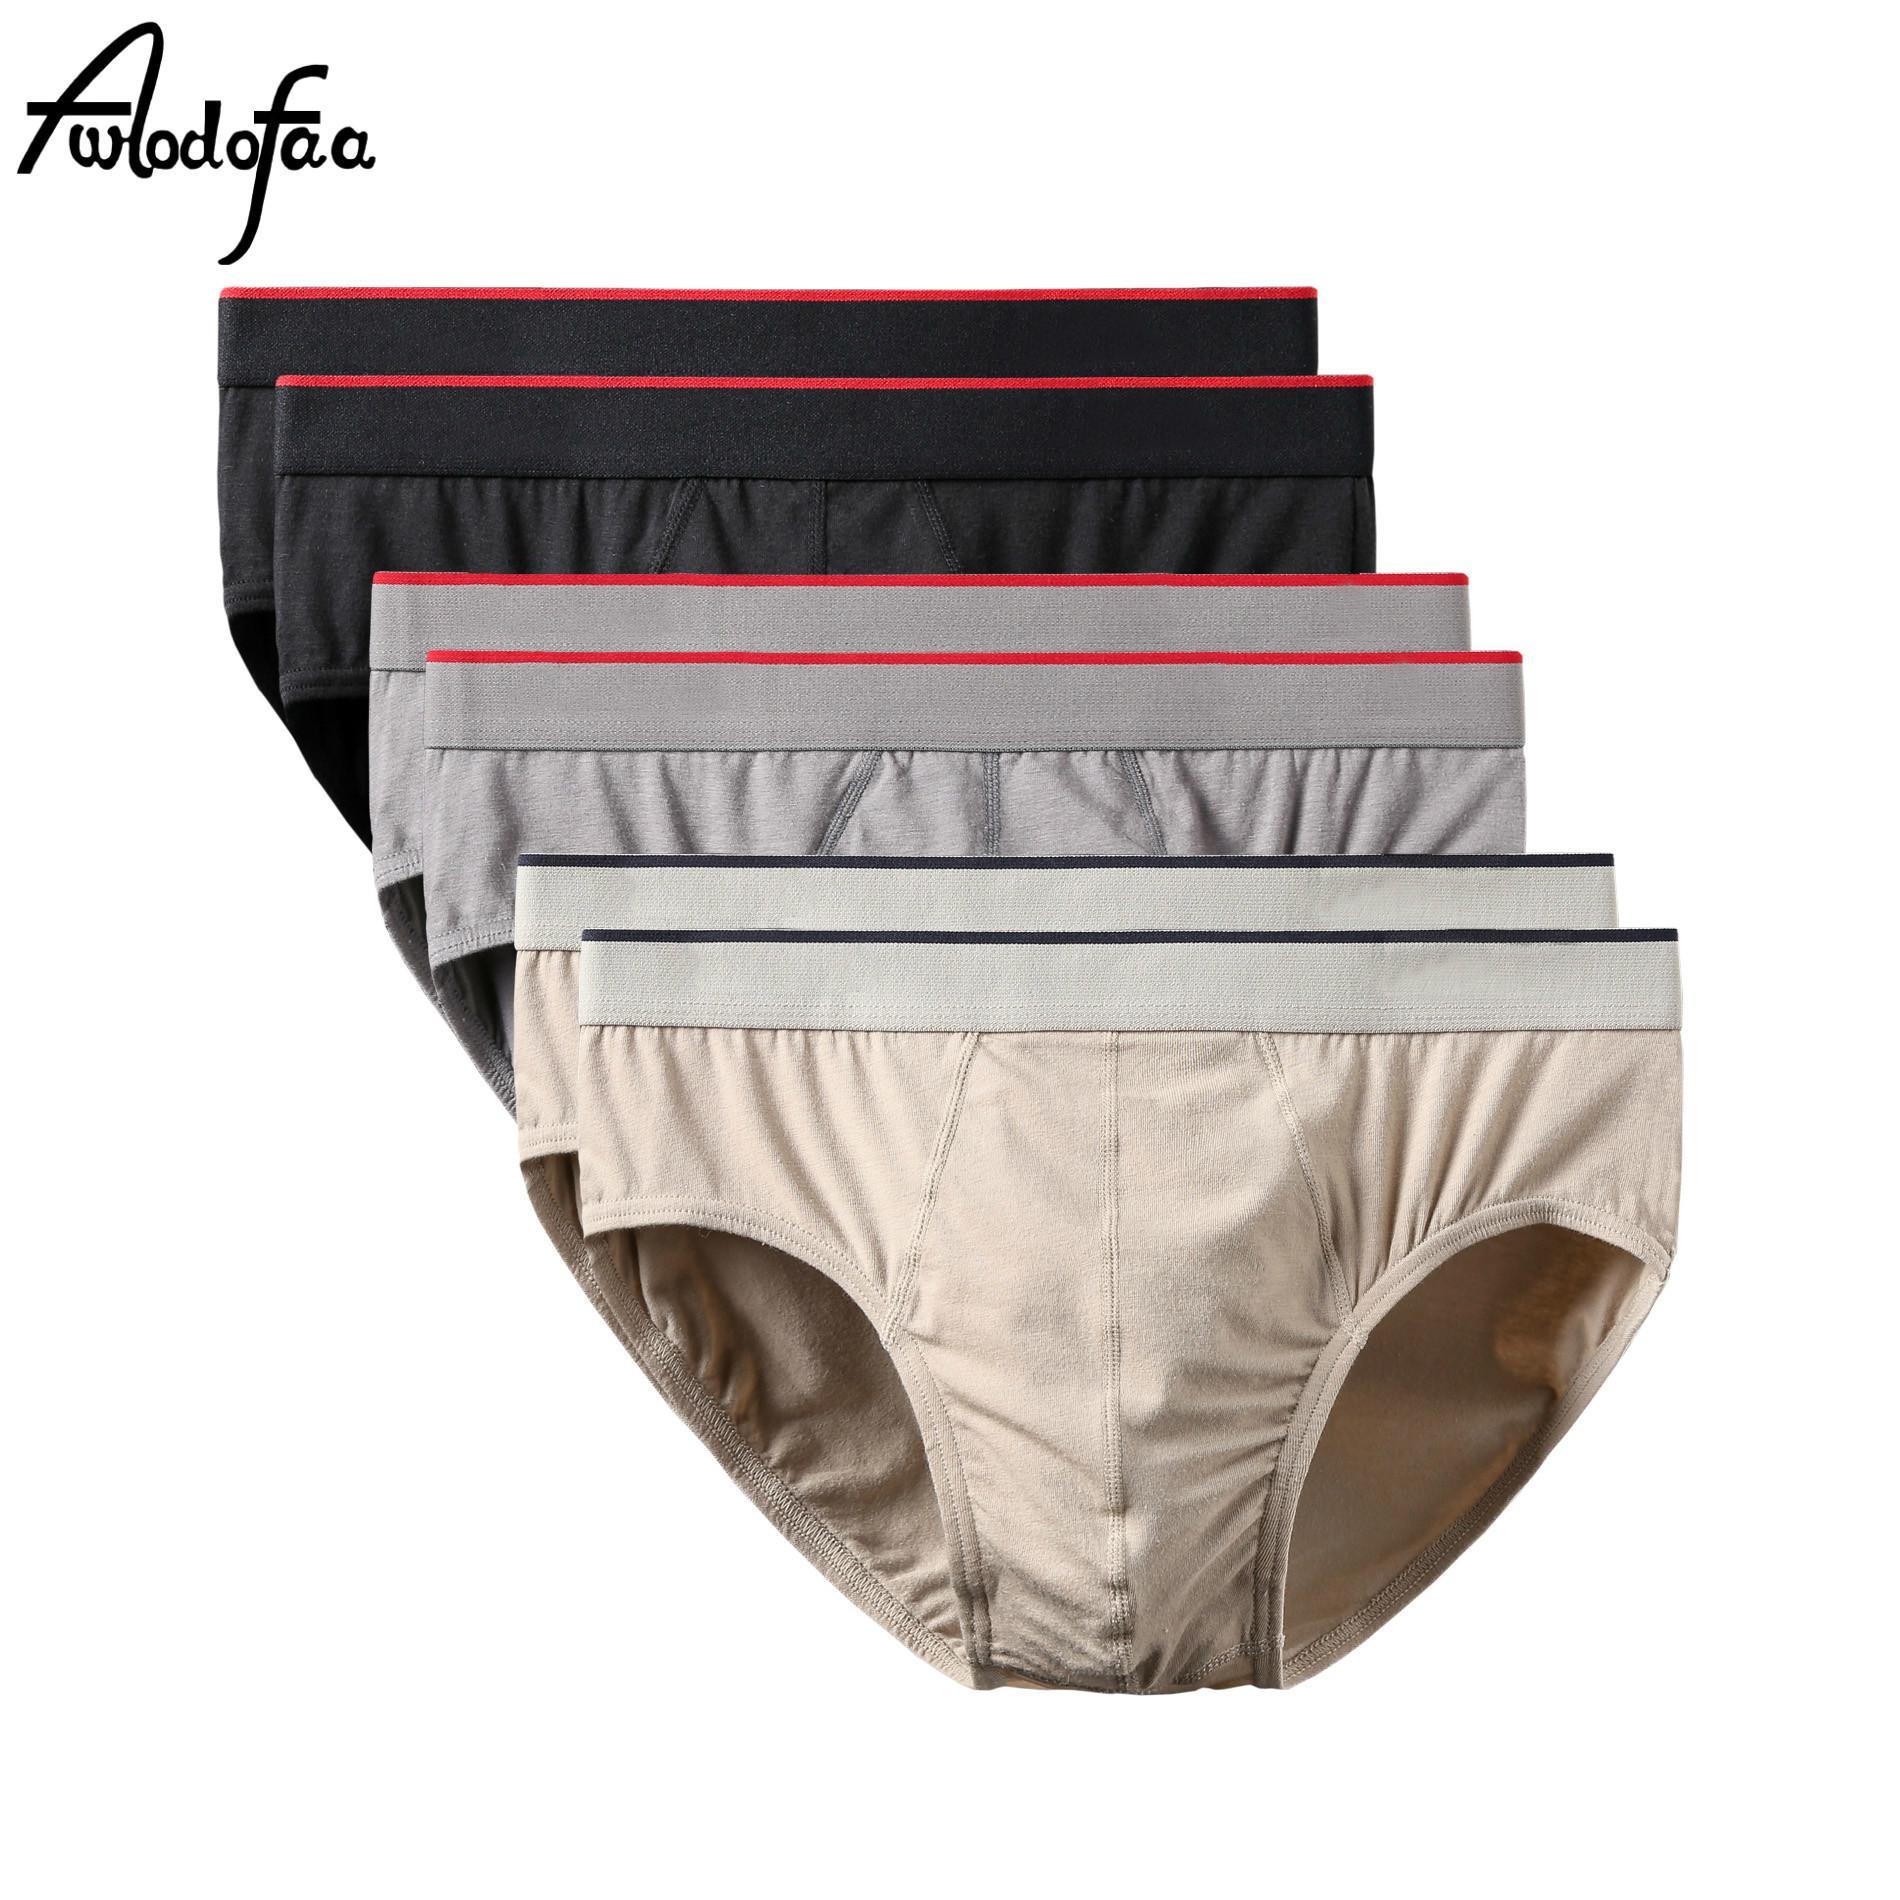 6pcs / lot Mode Hommes Coton Slips Shorts Homme Sous-vêtements sexy Comfy Briefs solides hommes usine Bikini Slip Plus Size Culotte T200511